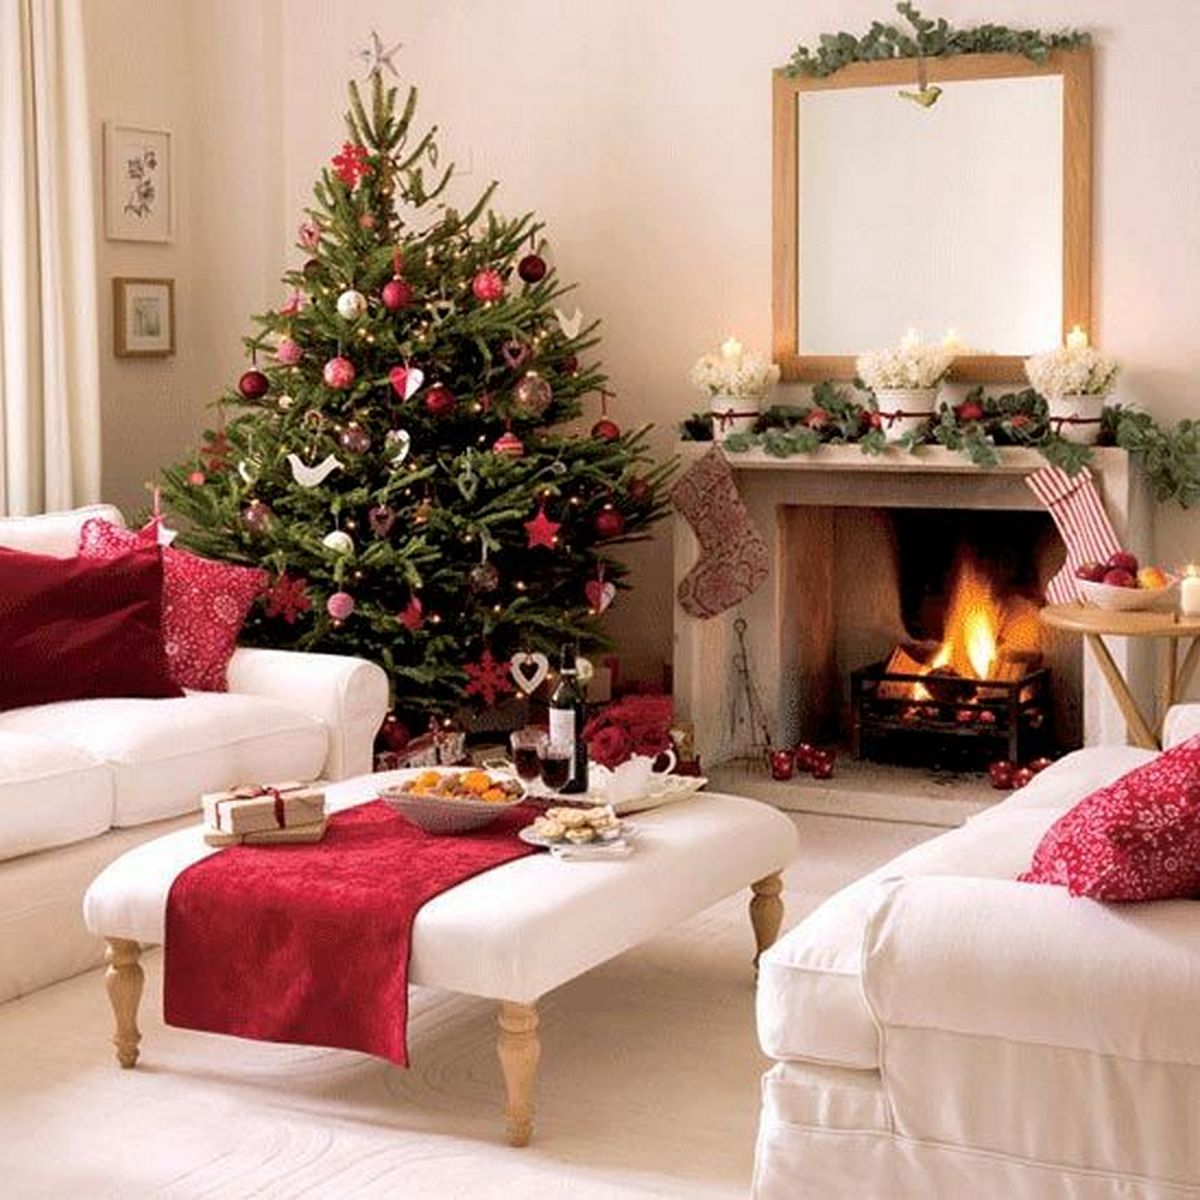 decorazioni-natalizie-divano-tessuto-rosso